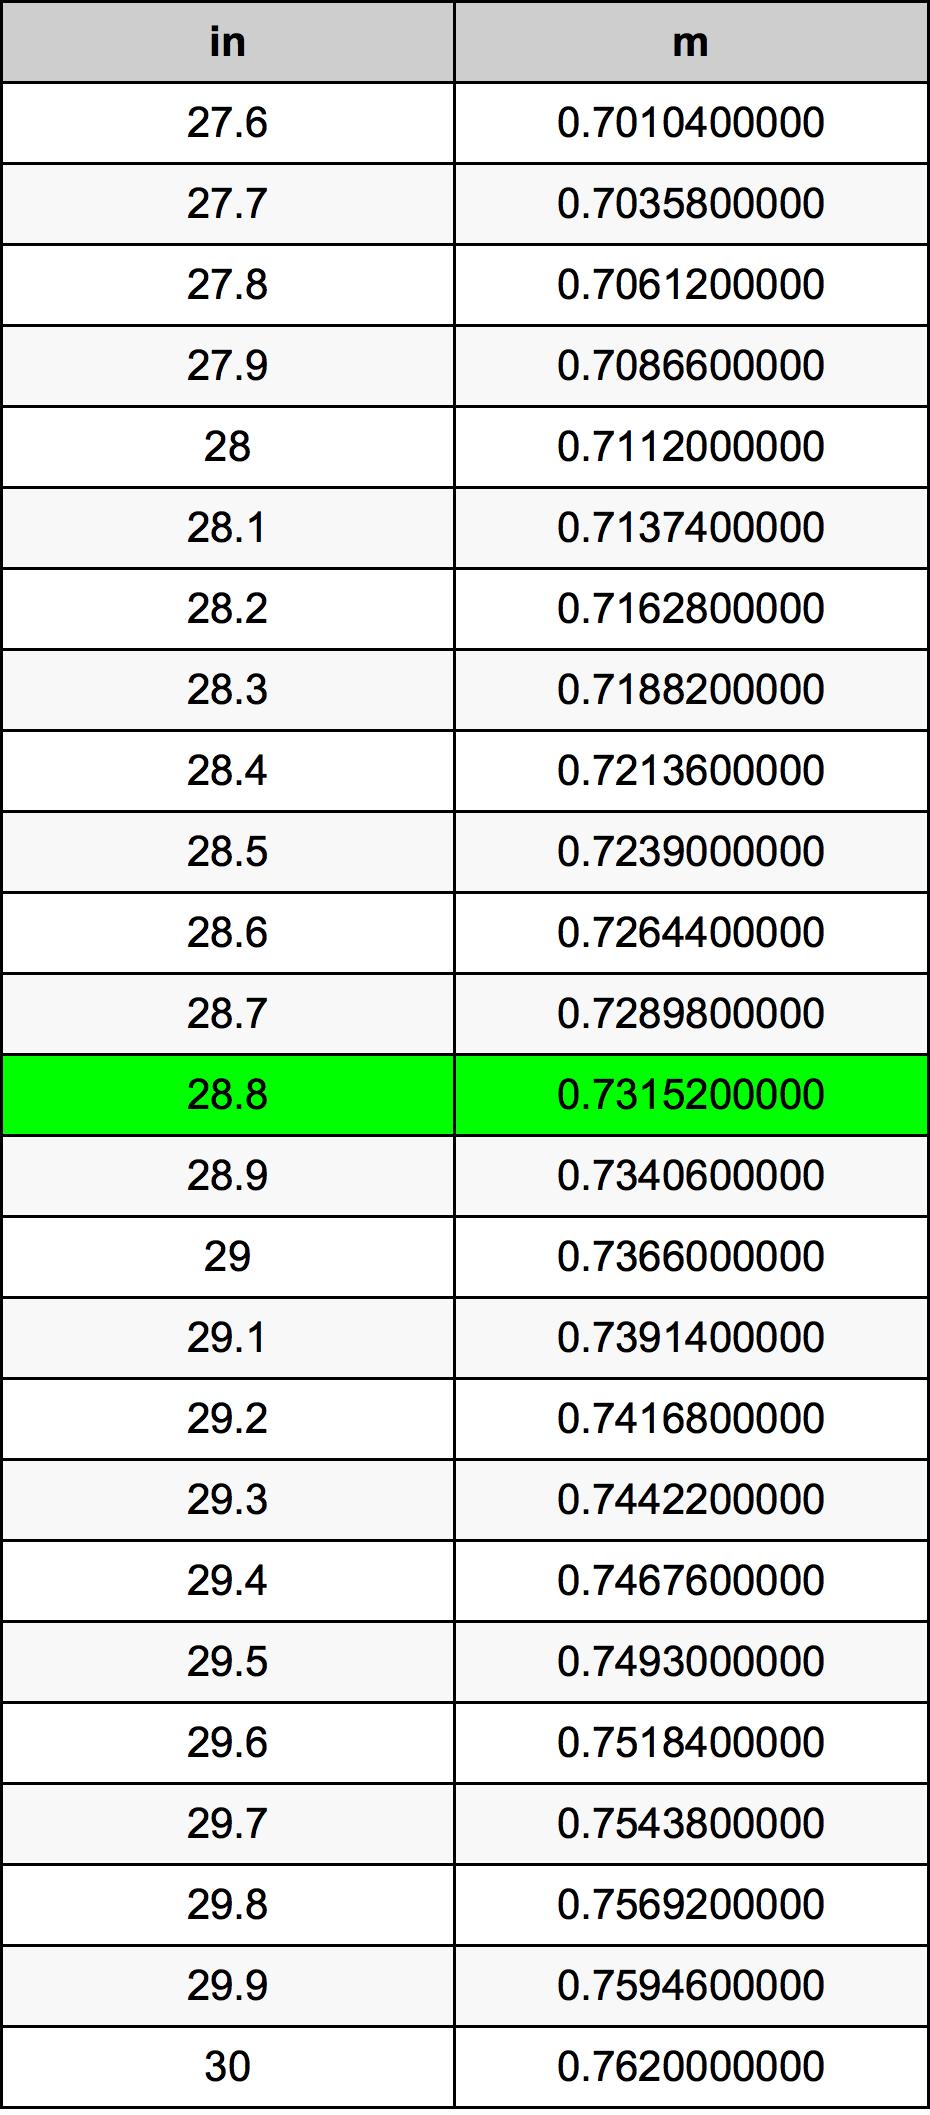 28.8 Inch conversietabel